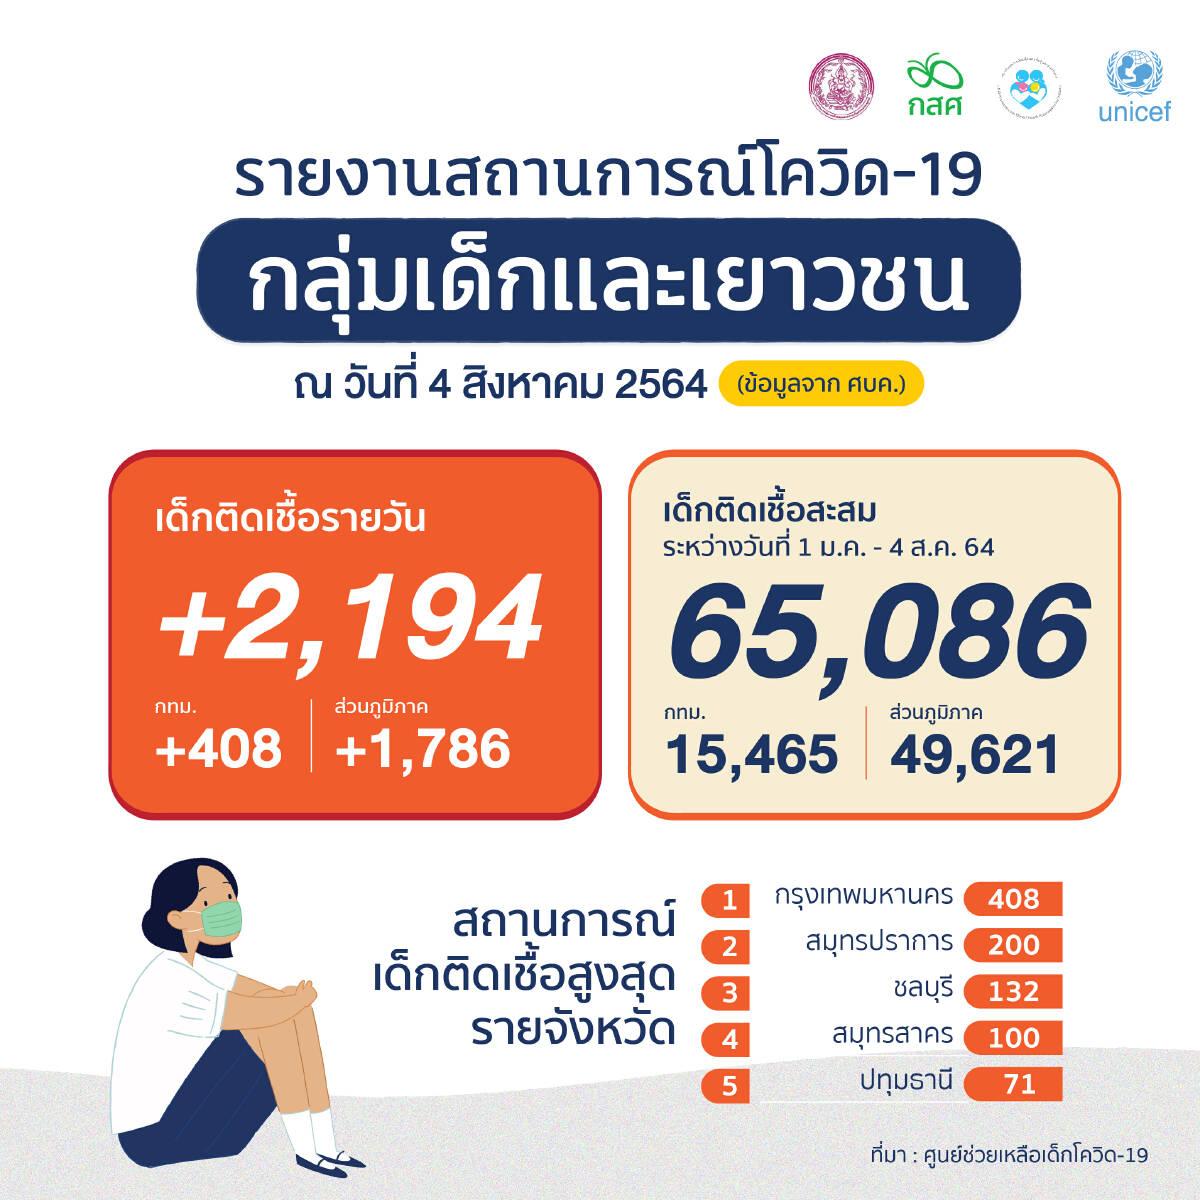 """วิกฤติเด็กไทย """"ติดเชื้อโควิด"""" ยอดรวมทะลุ 6.5หมื่นคน เร่งดูแลผลกระทบทุกด้าน"""